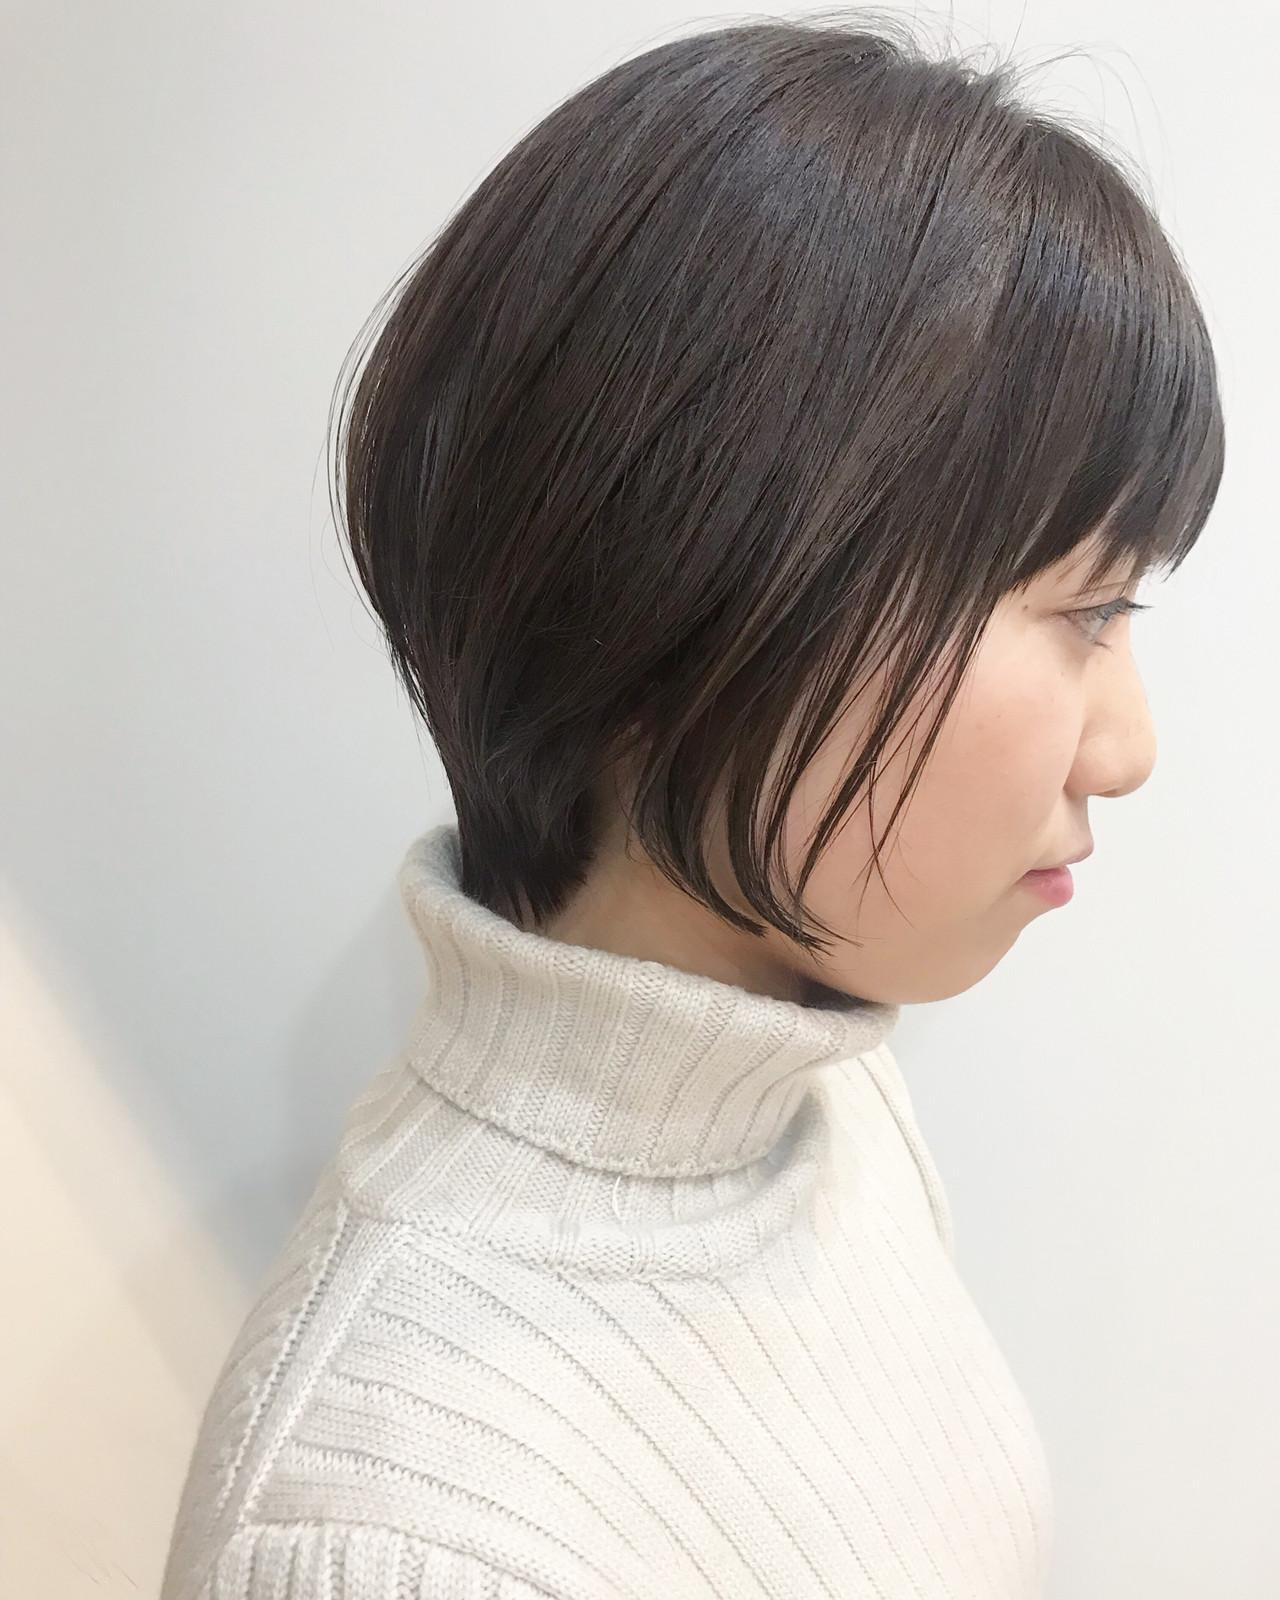 ナチュラル ショート 小顔ショート デート ヘアスタイルや髪型の写真・画像 | 大人可愛い【ショート・ボブが得意】つばさ / VIE